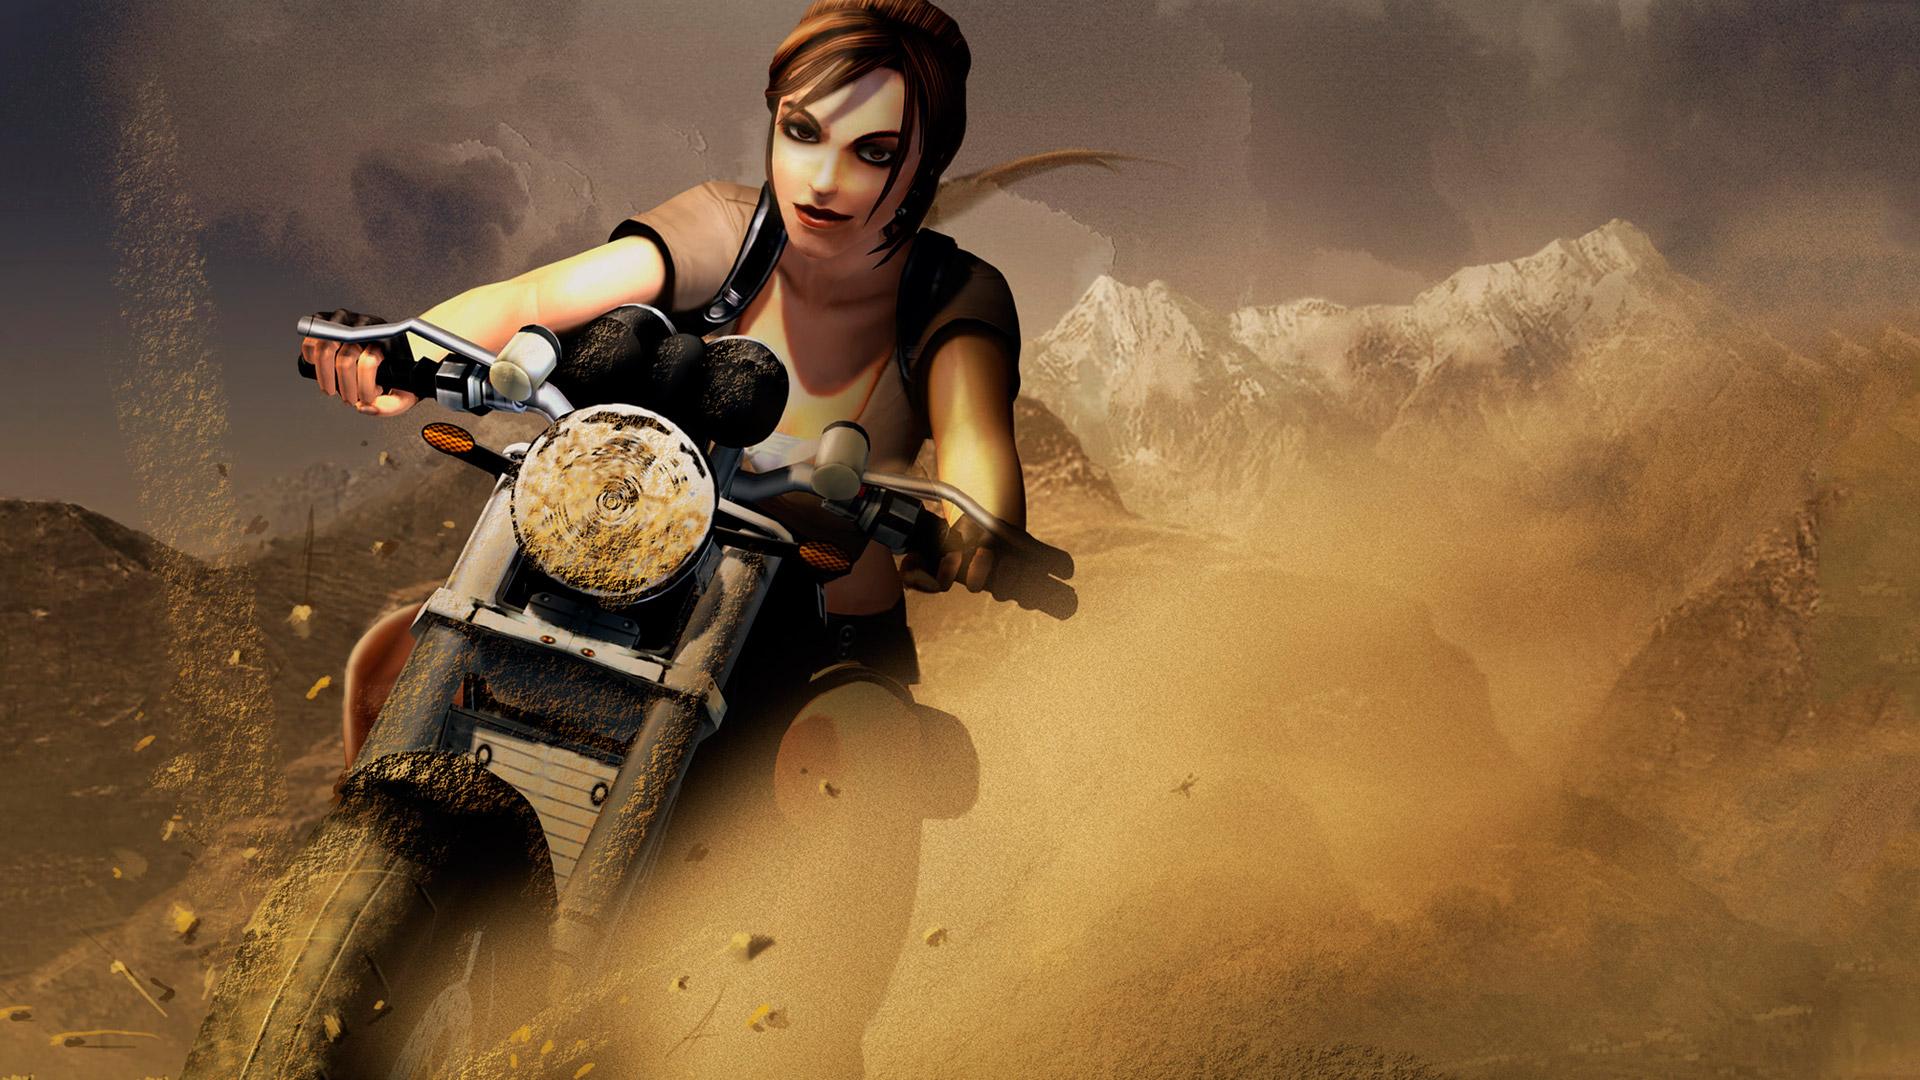 Tomb Raider: Legend Wallpaper in 1920x1080